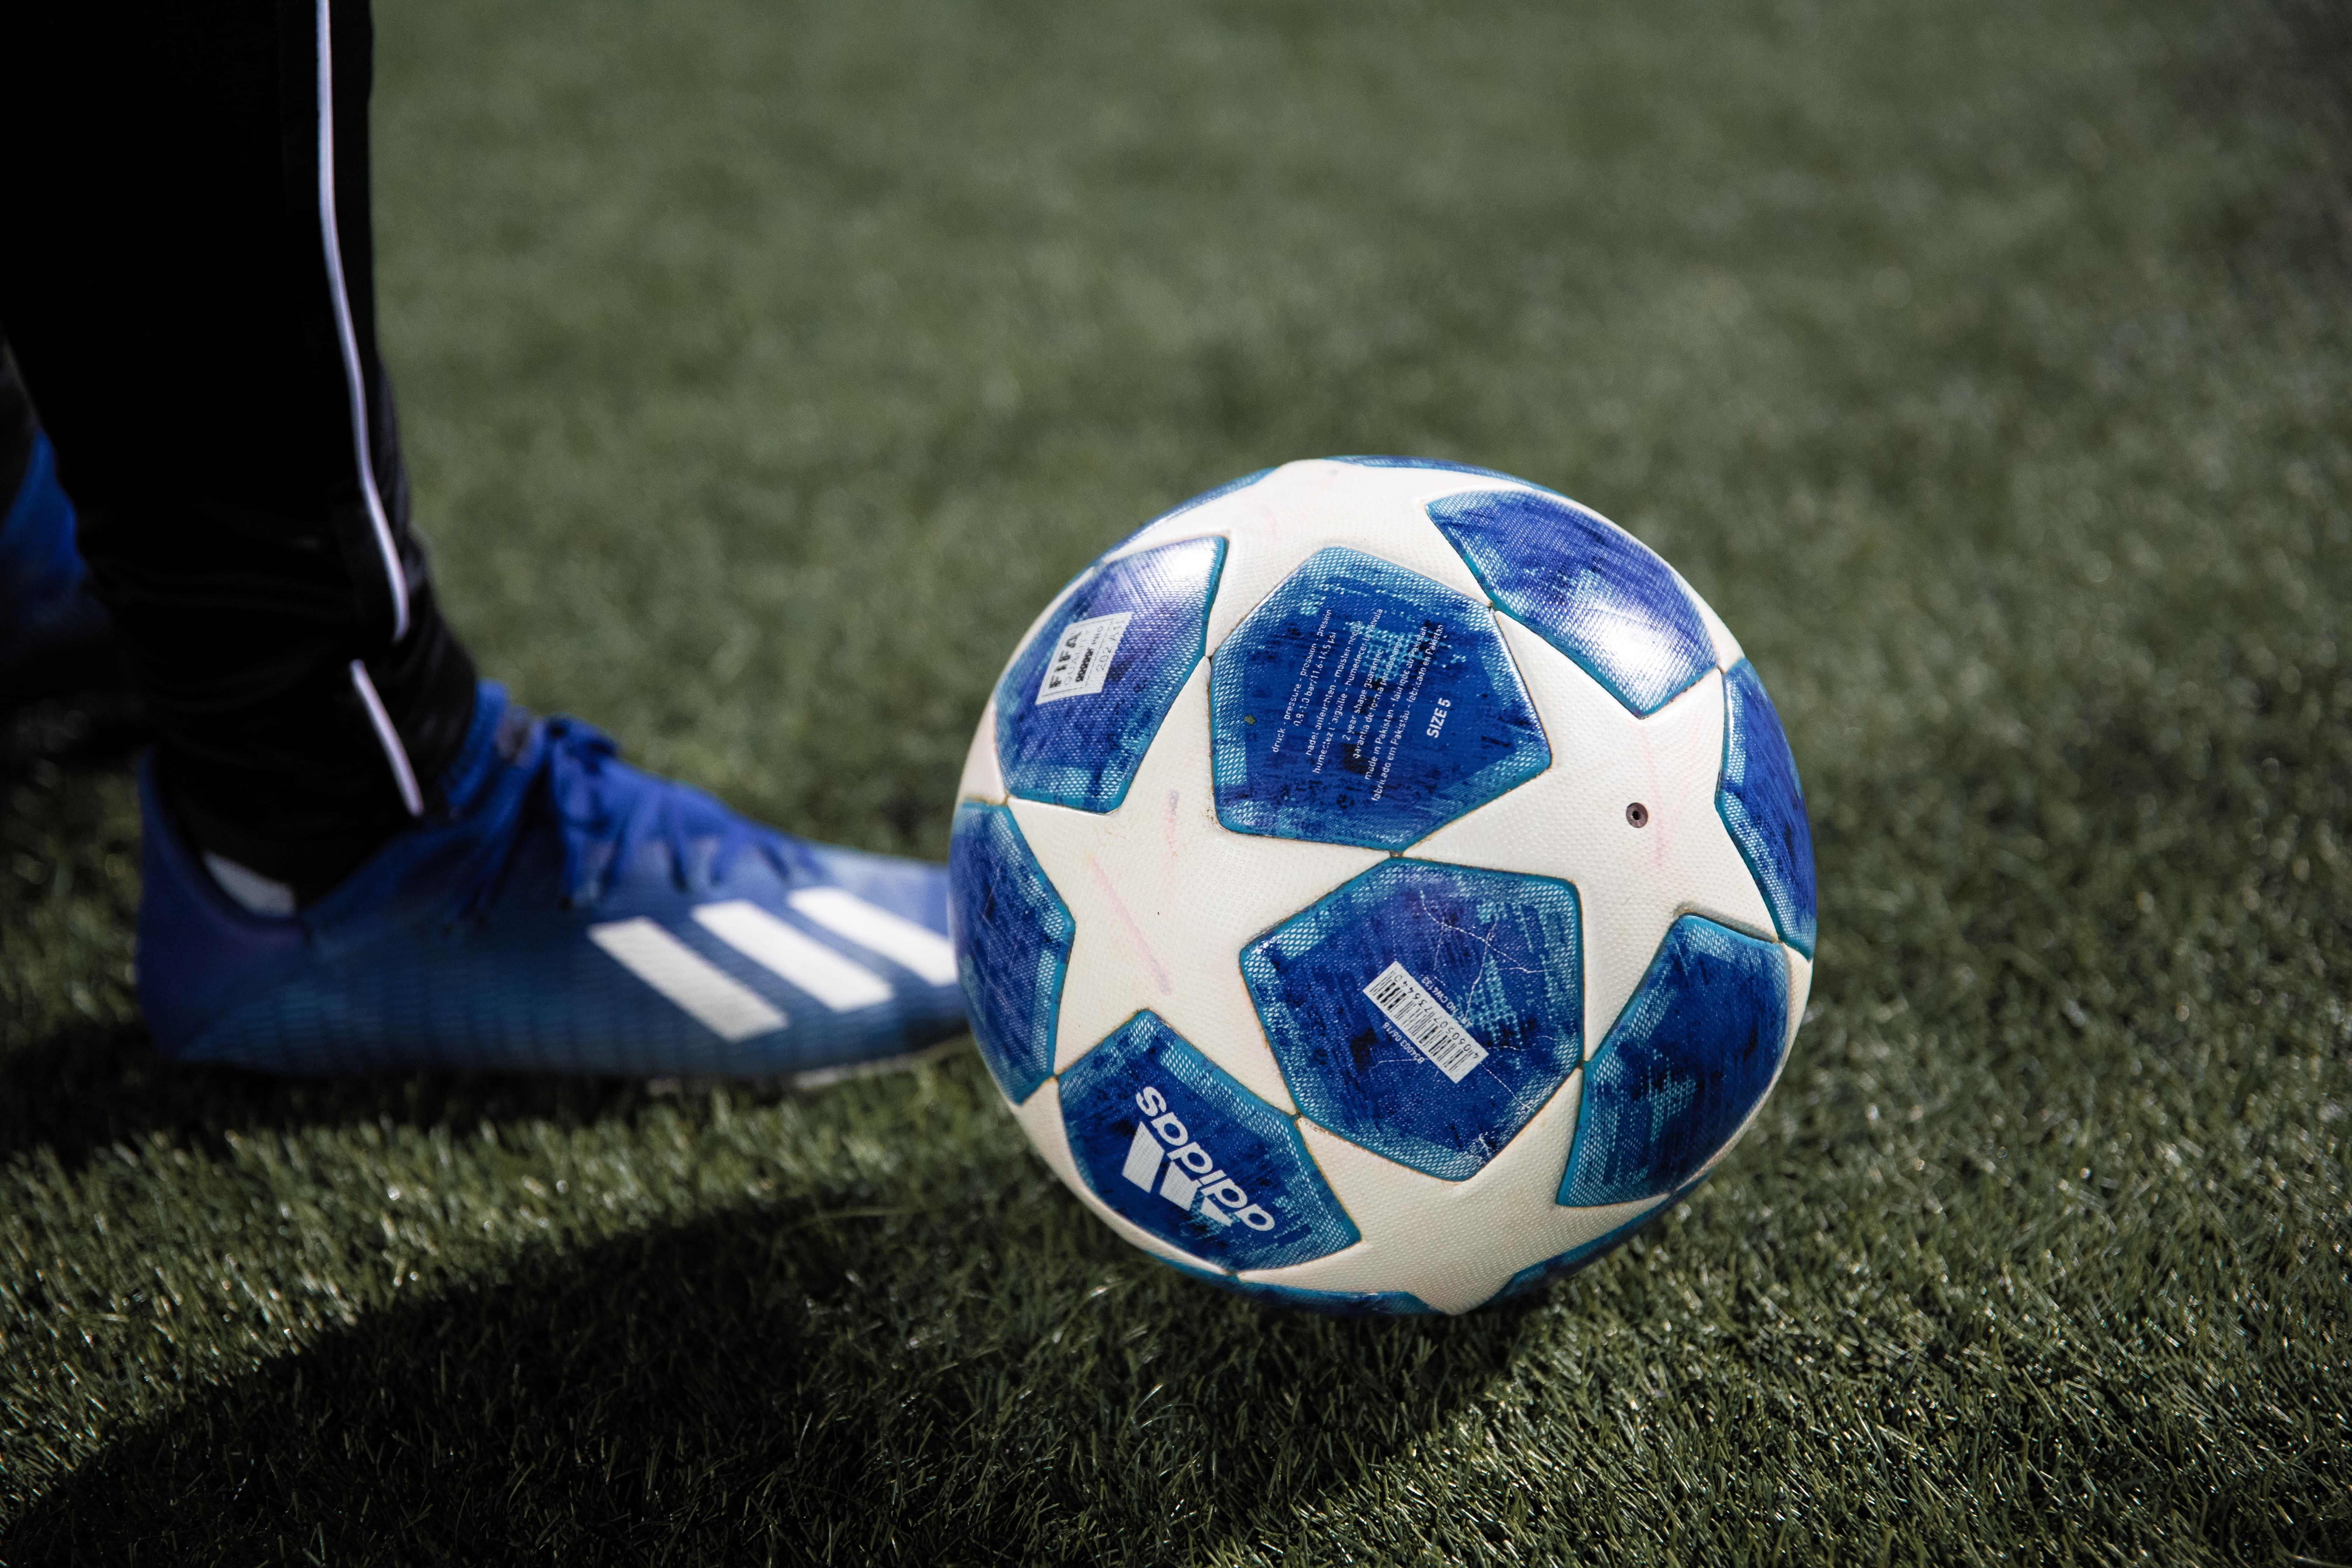 12 Mayıs 2021 Çarşamba bugün hangi maçlar var, kimin maçı var, saat kaçta, hangi kanalda? İşte maç programı